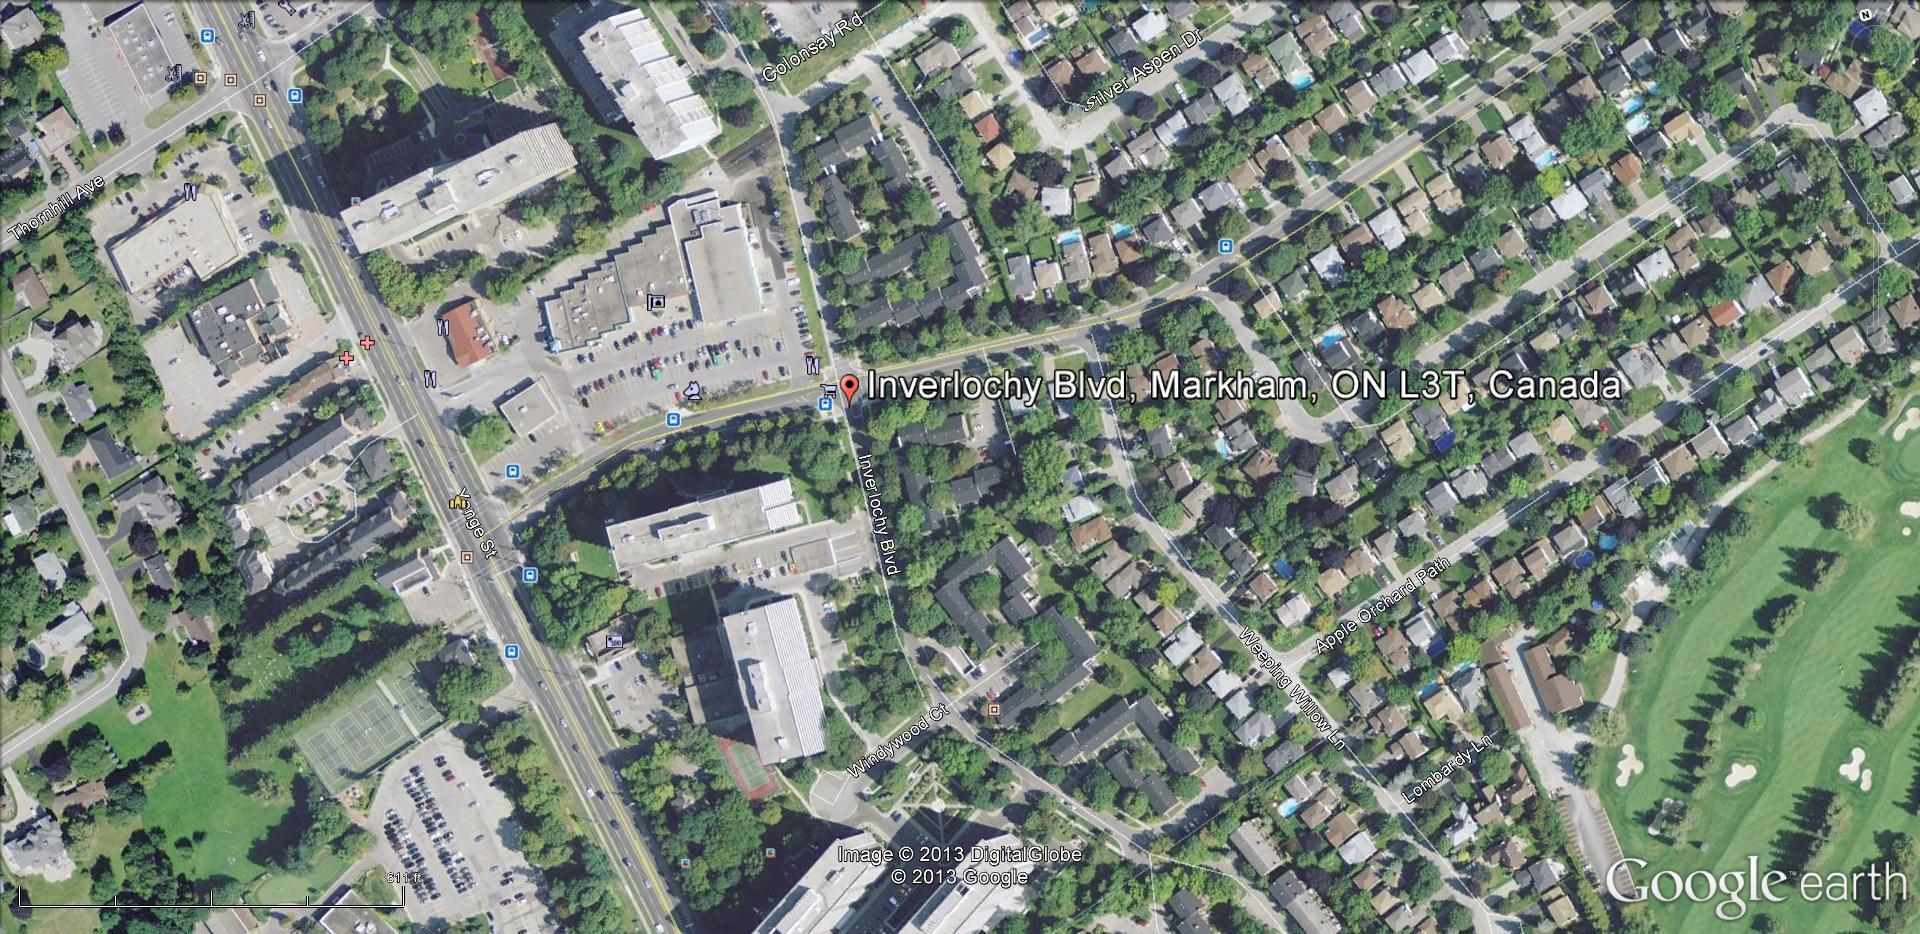 Thornhill Green Aerial Photo.jpg